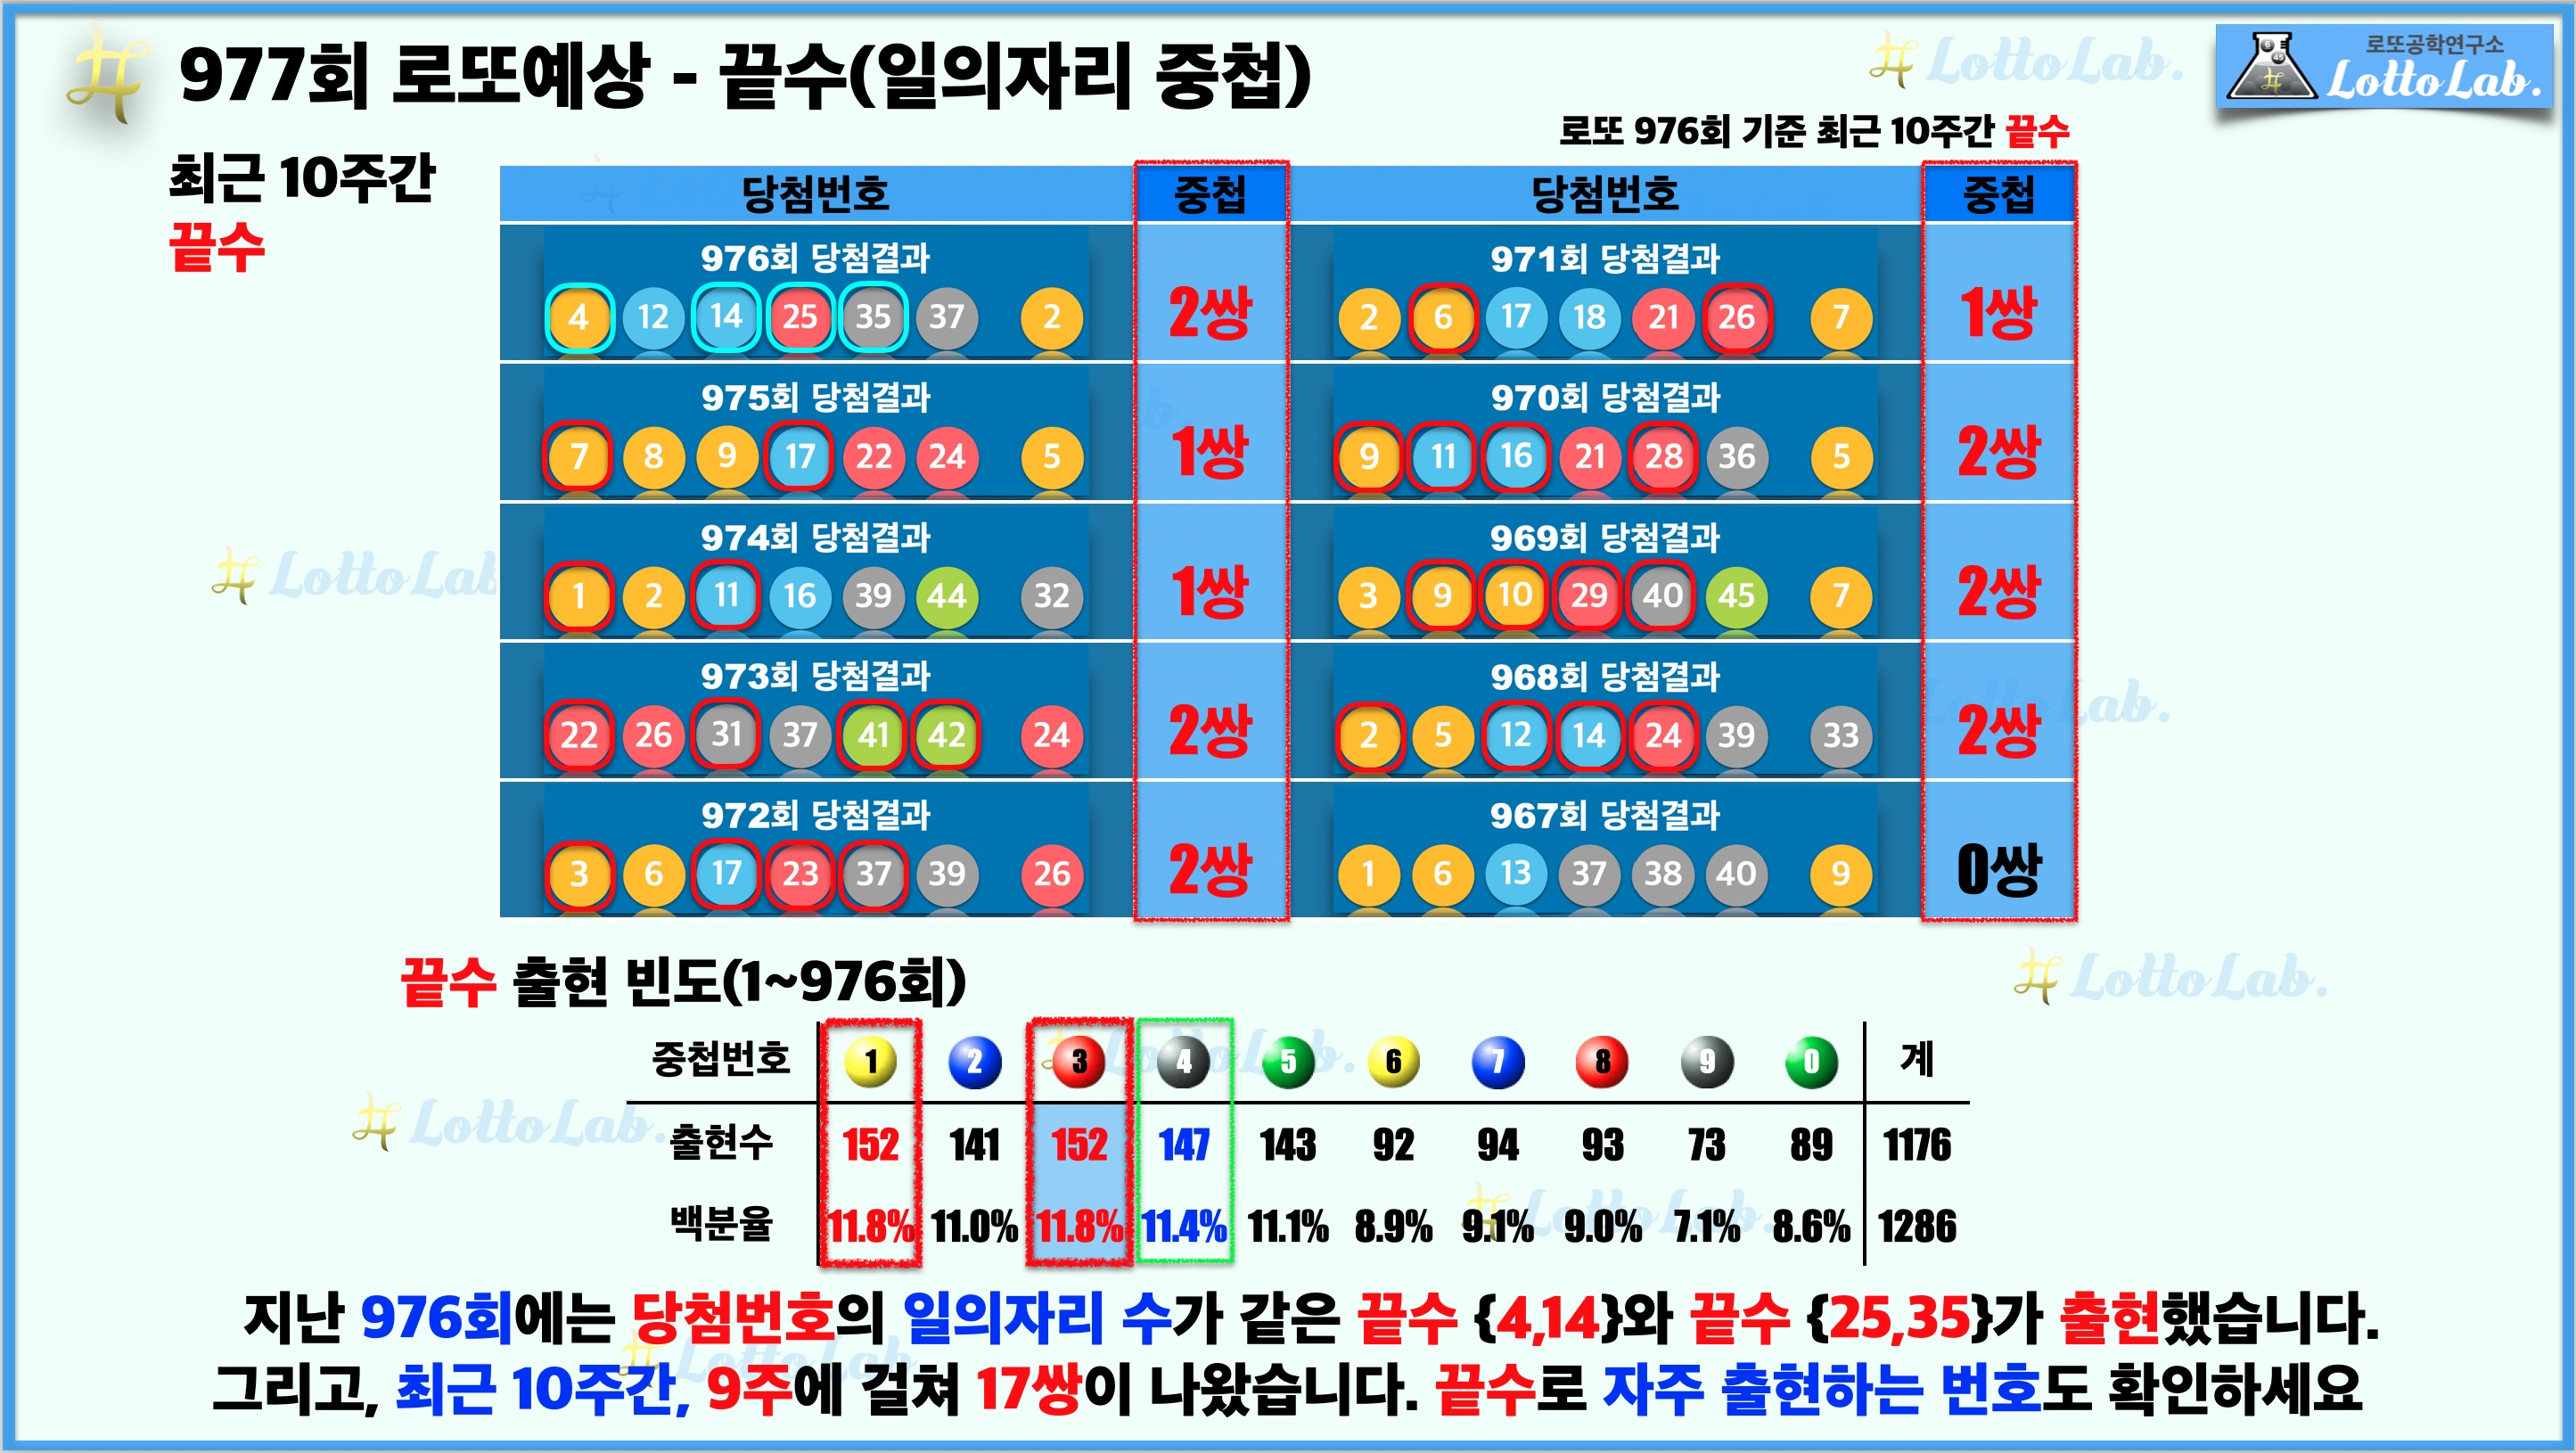 로또랩 로또977 당첨 번호 예상 - 끝수